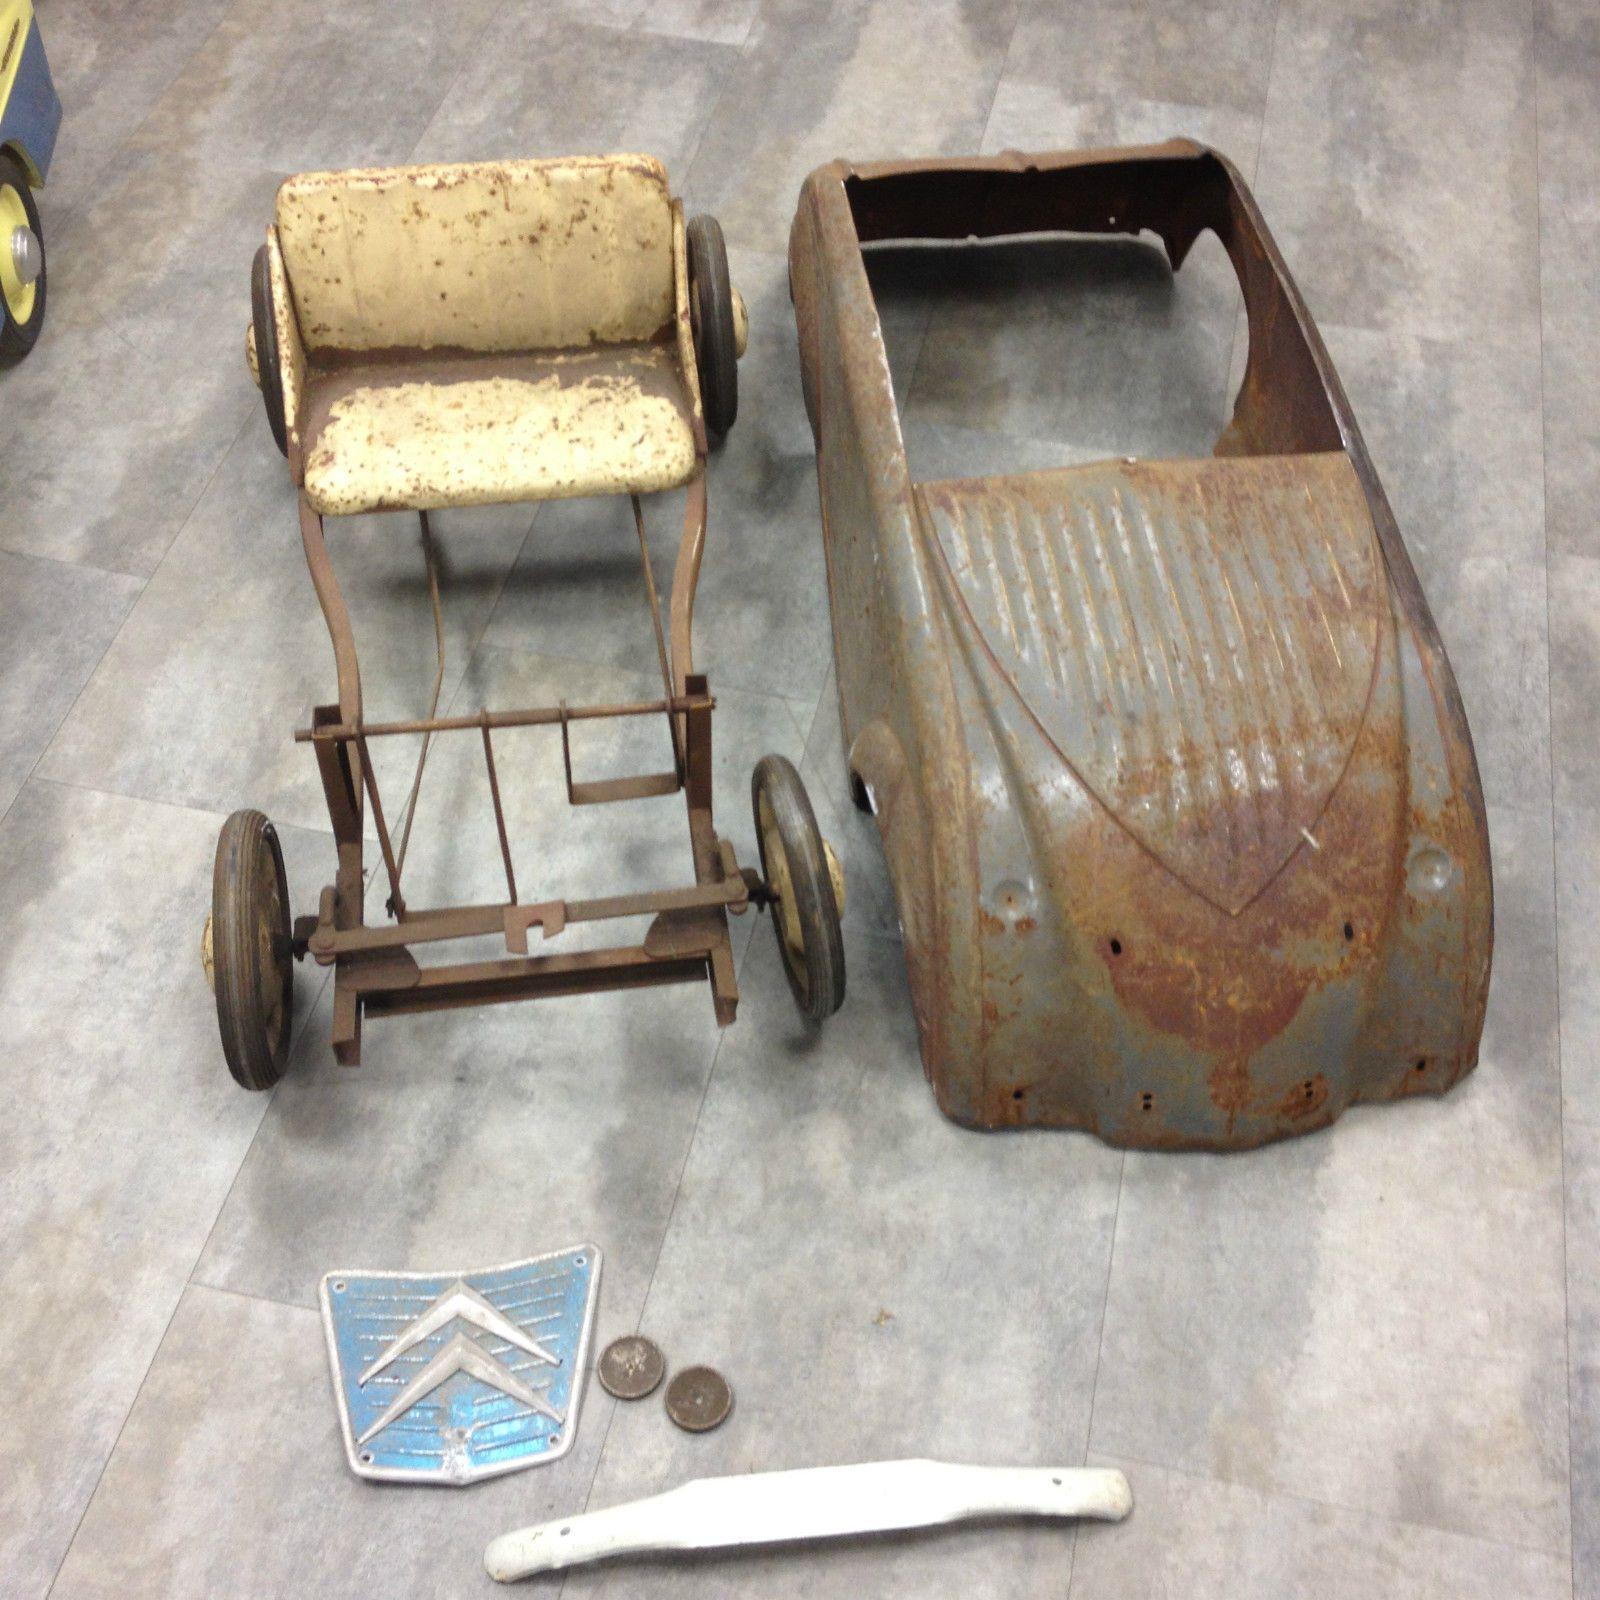 voiture  u00e0 p u00e9dales pedal car 2 cv citroen ann u00e9e 1955 marque